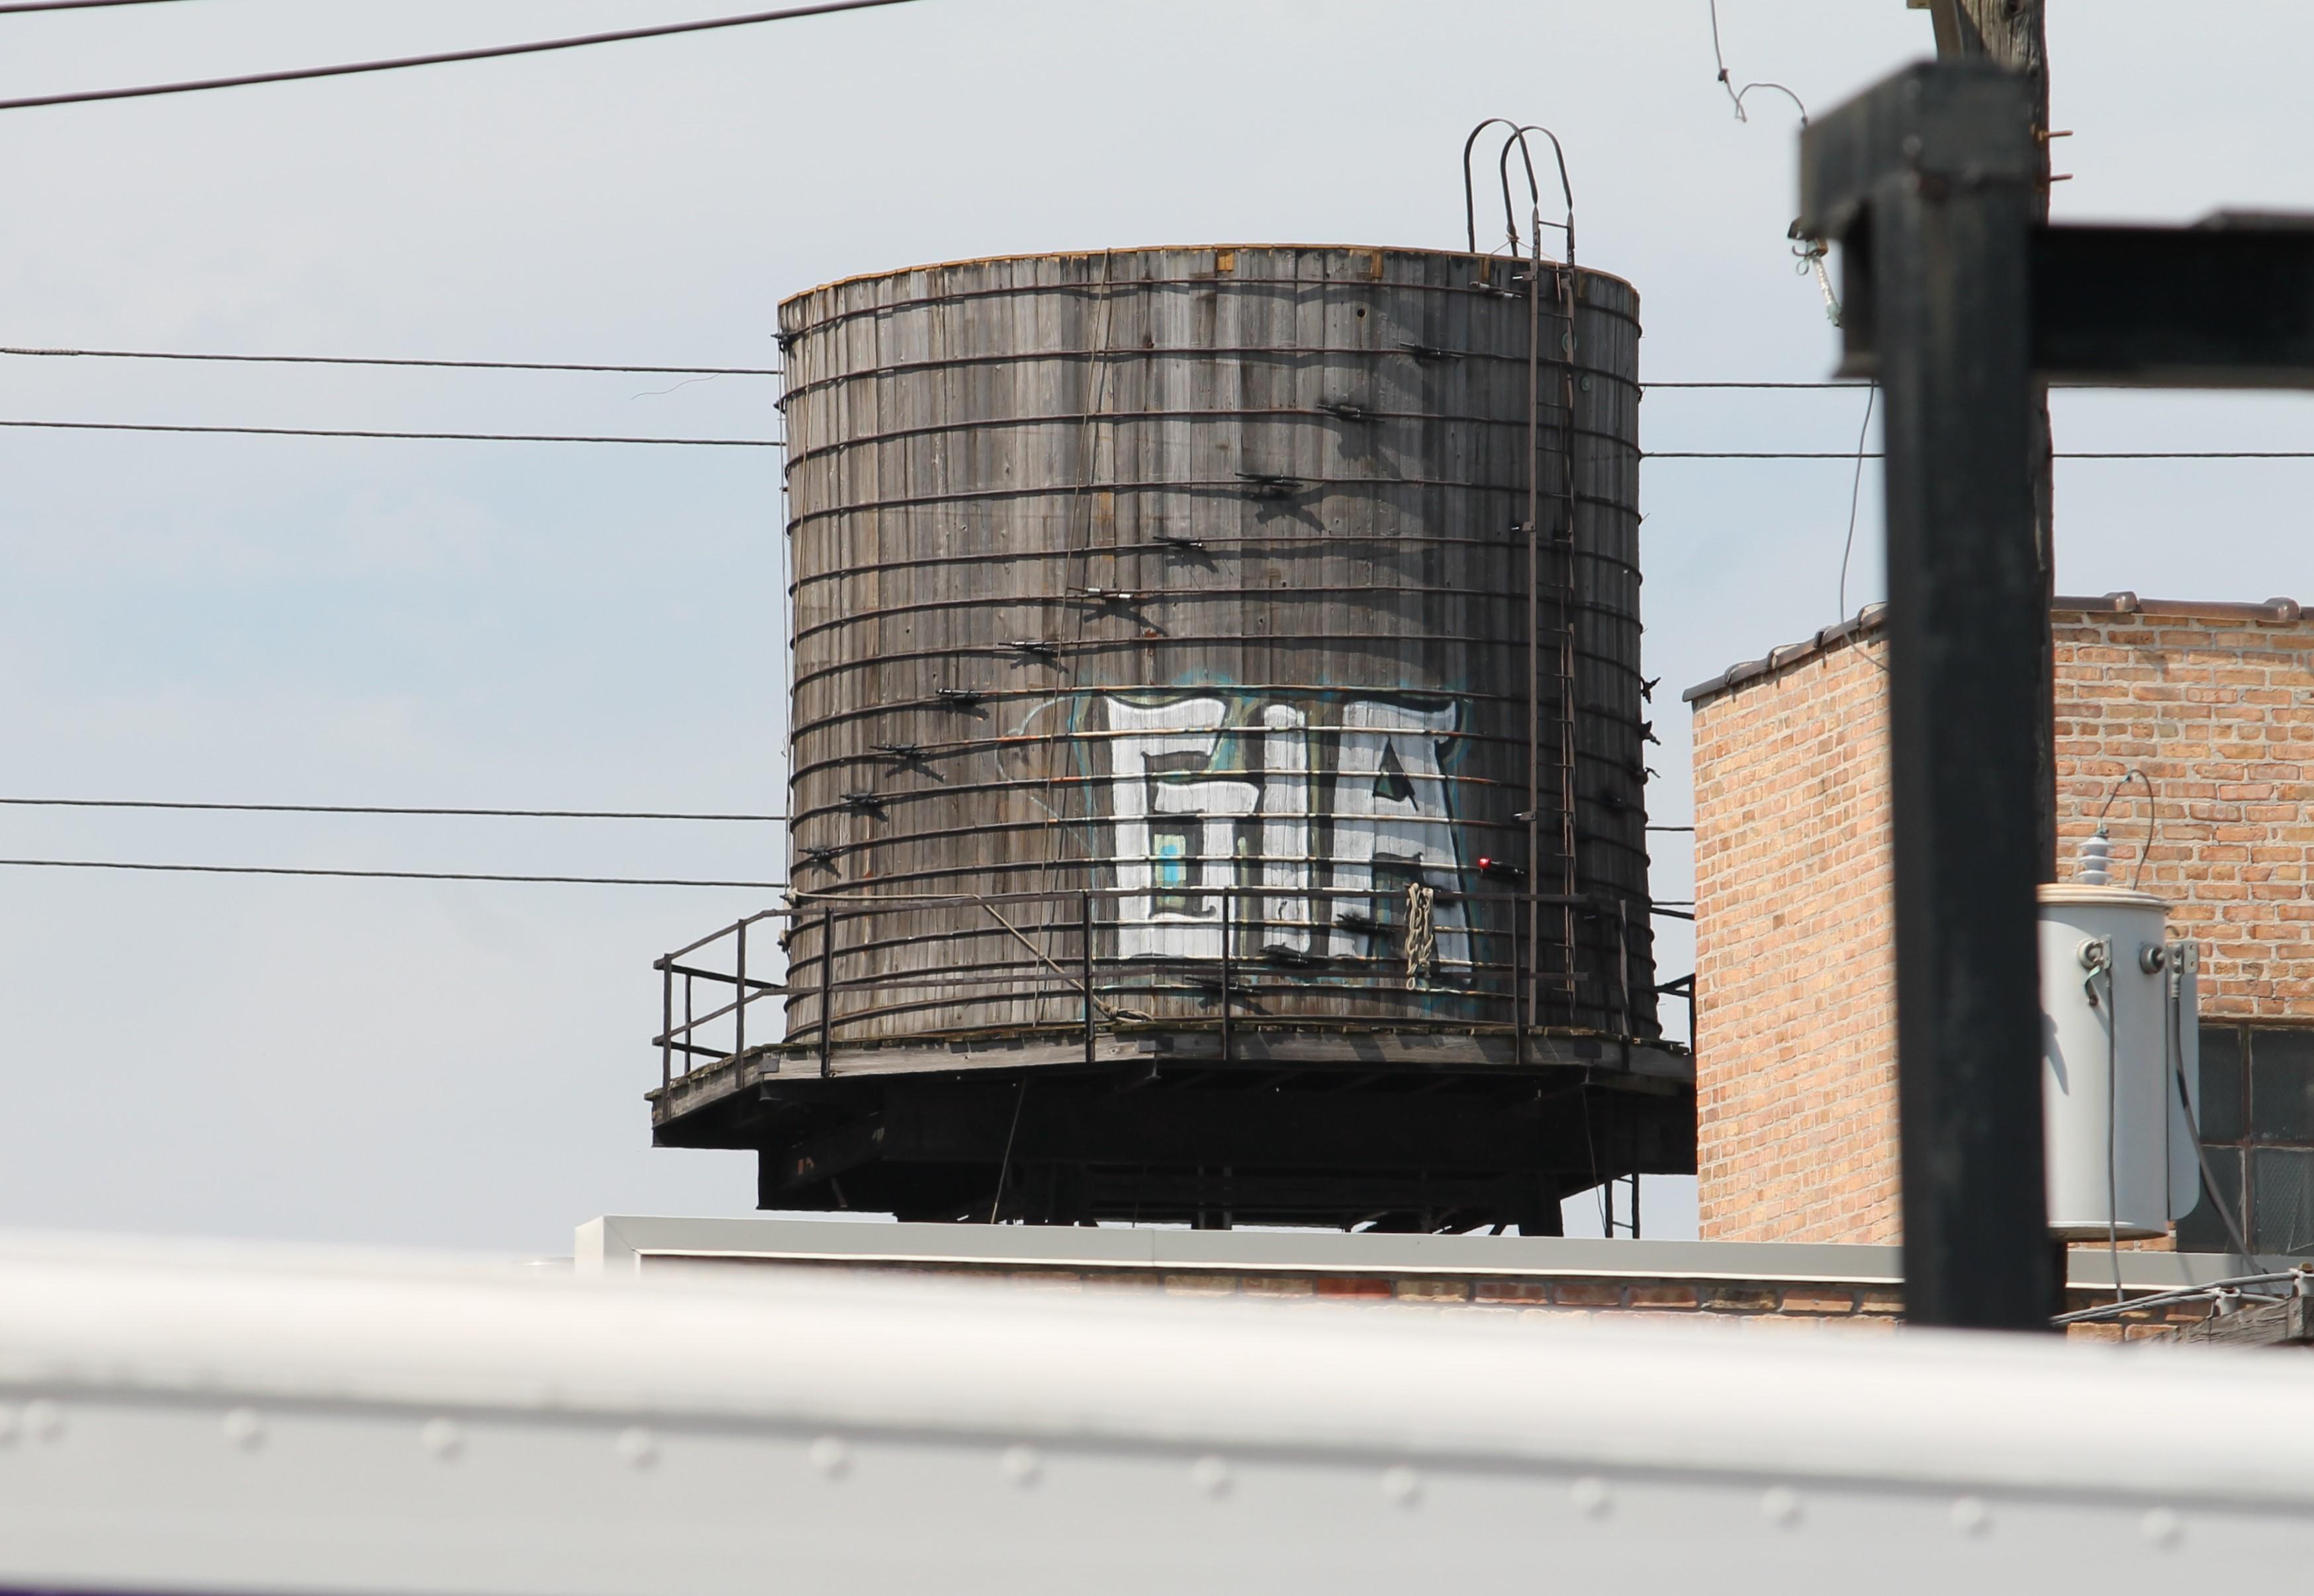 Water tank 1622 West Carroll Avenue